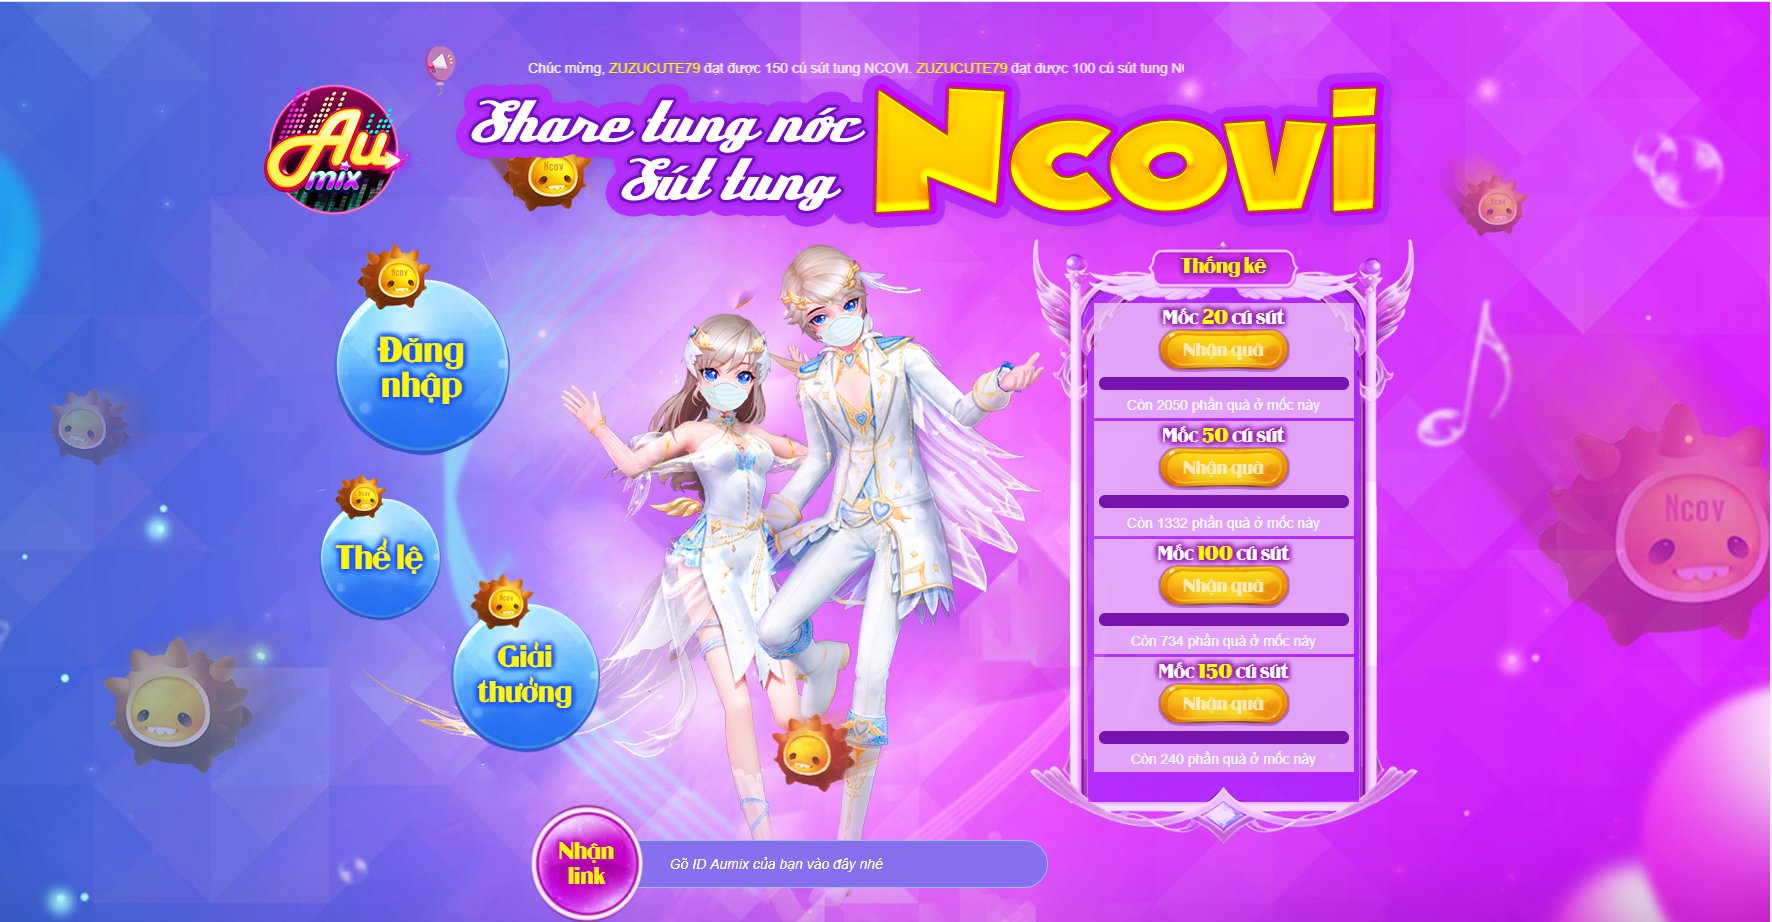 Au Mix khiến các vũ công spam điên cuồng khắp nơi để nhận code limited 1